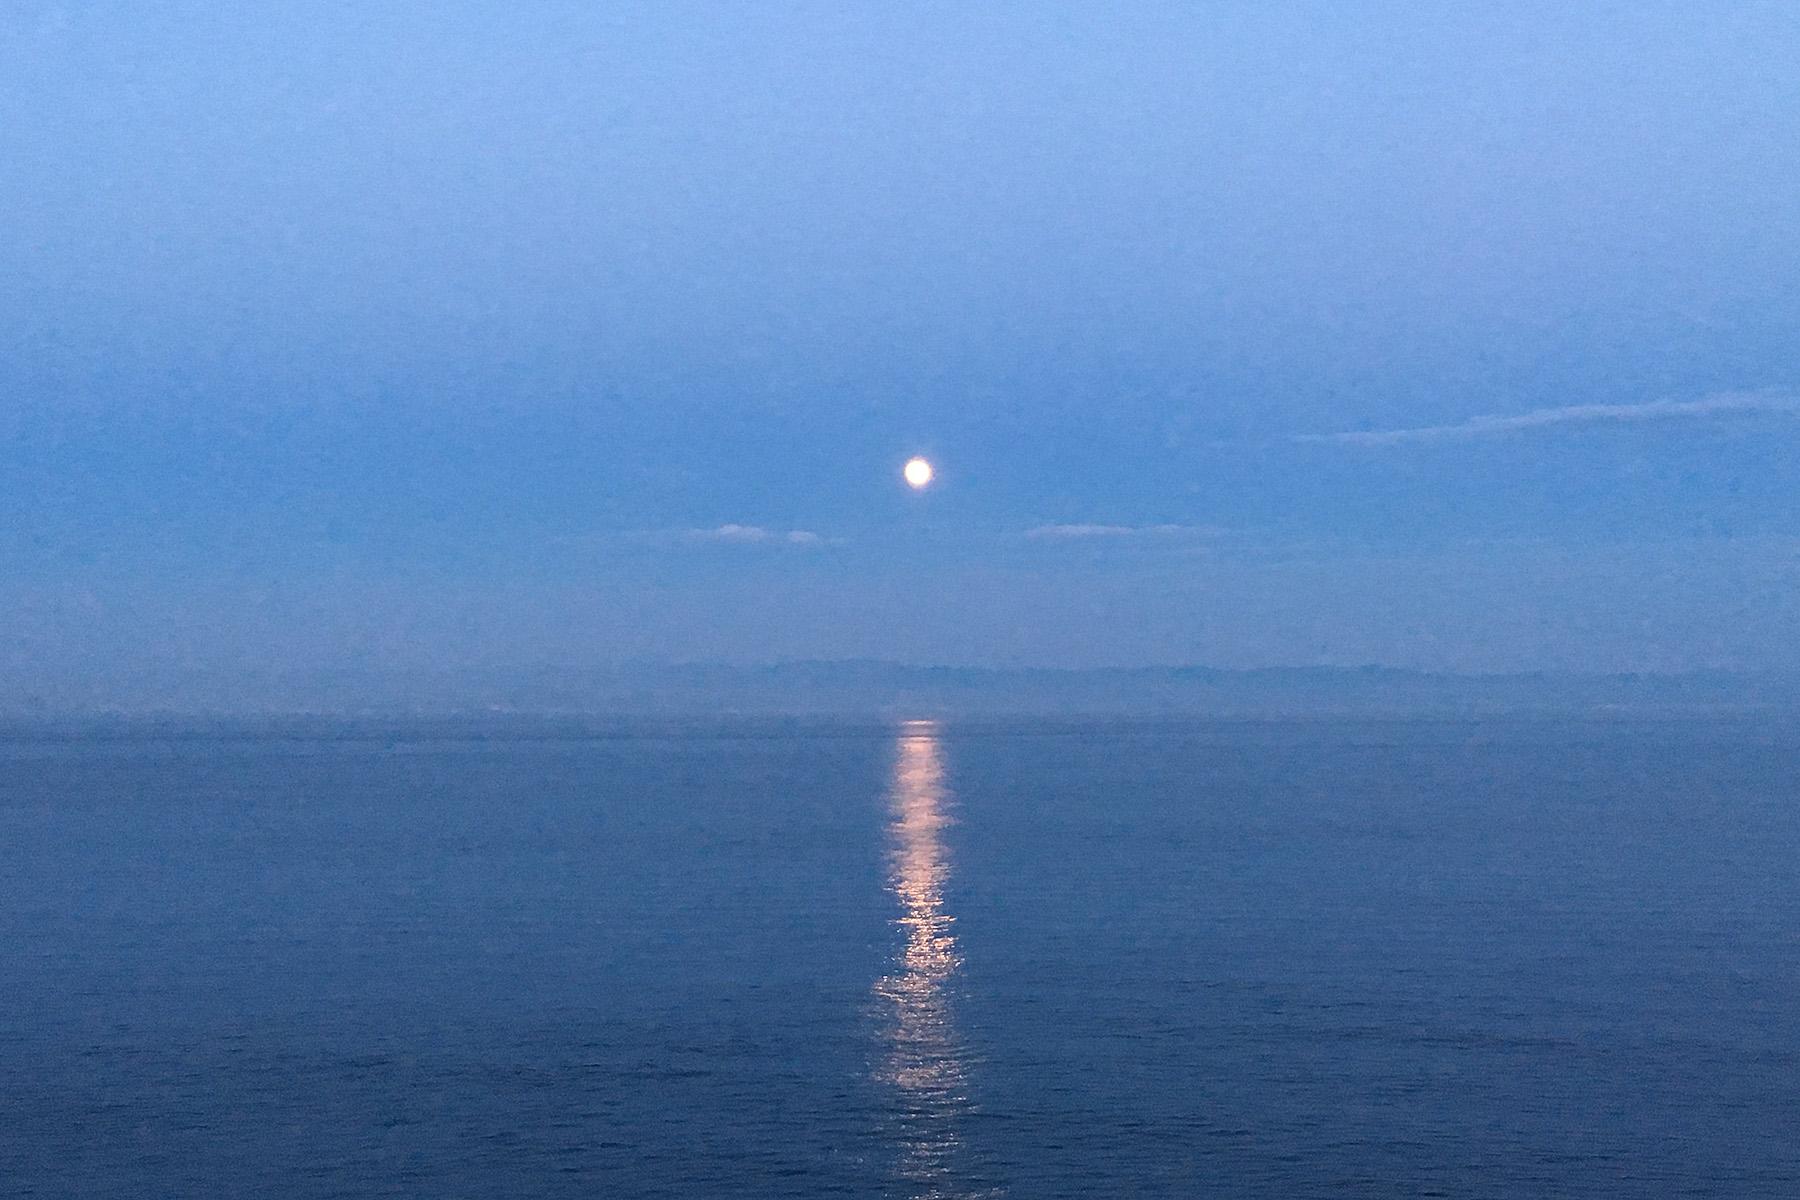 ダイヤモンドプリンセスから見た月